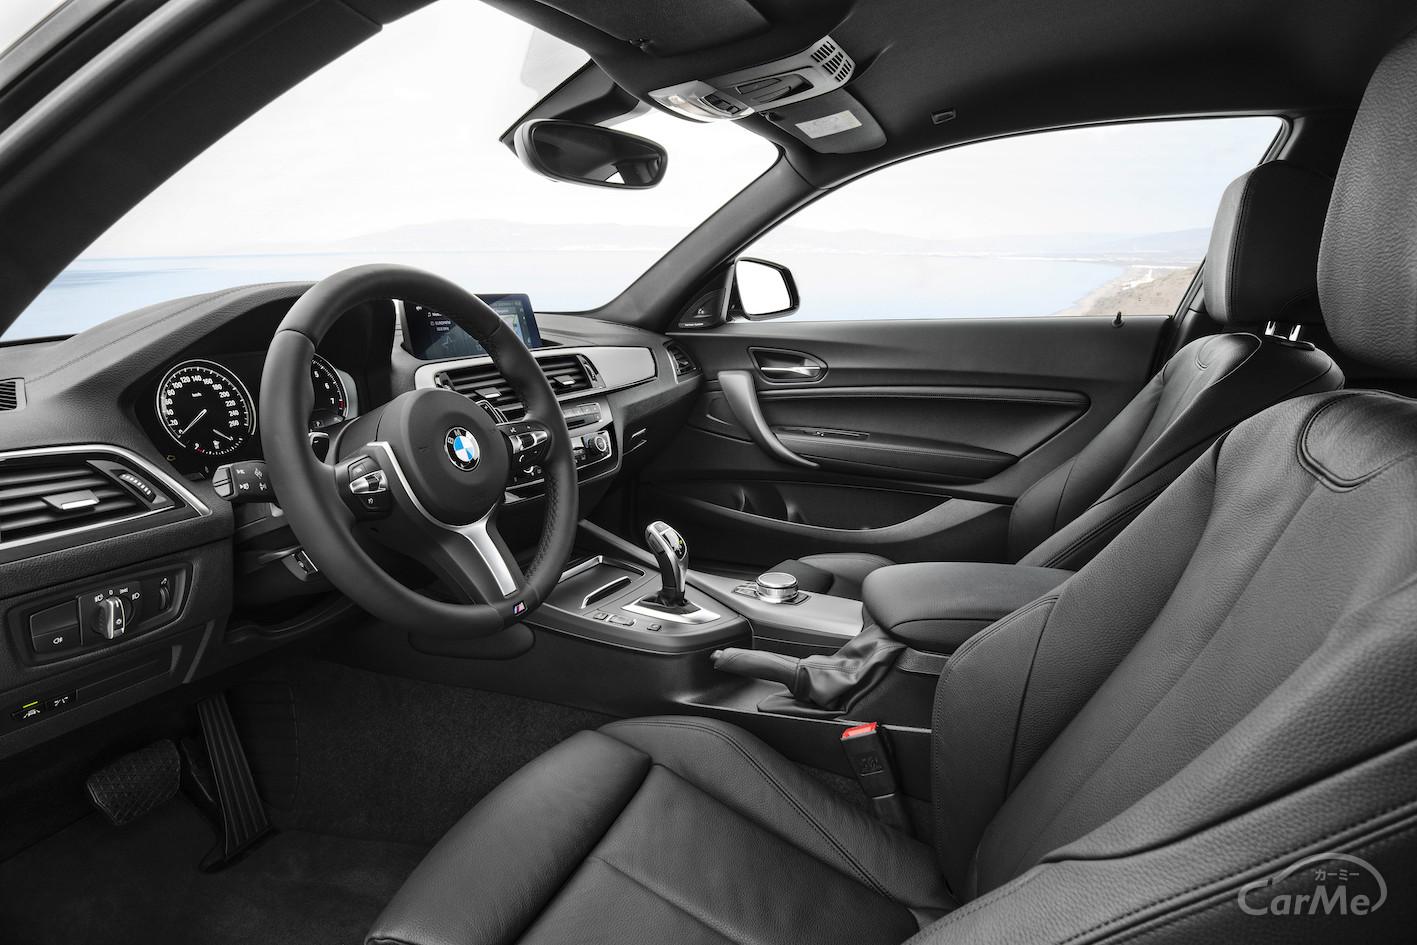 BMW 2代目2シリーズのインパネは豊富な機能を搭載!